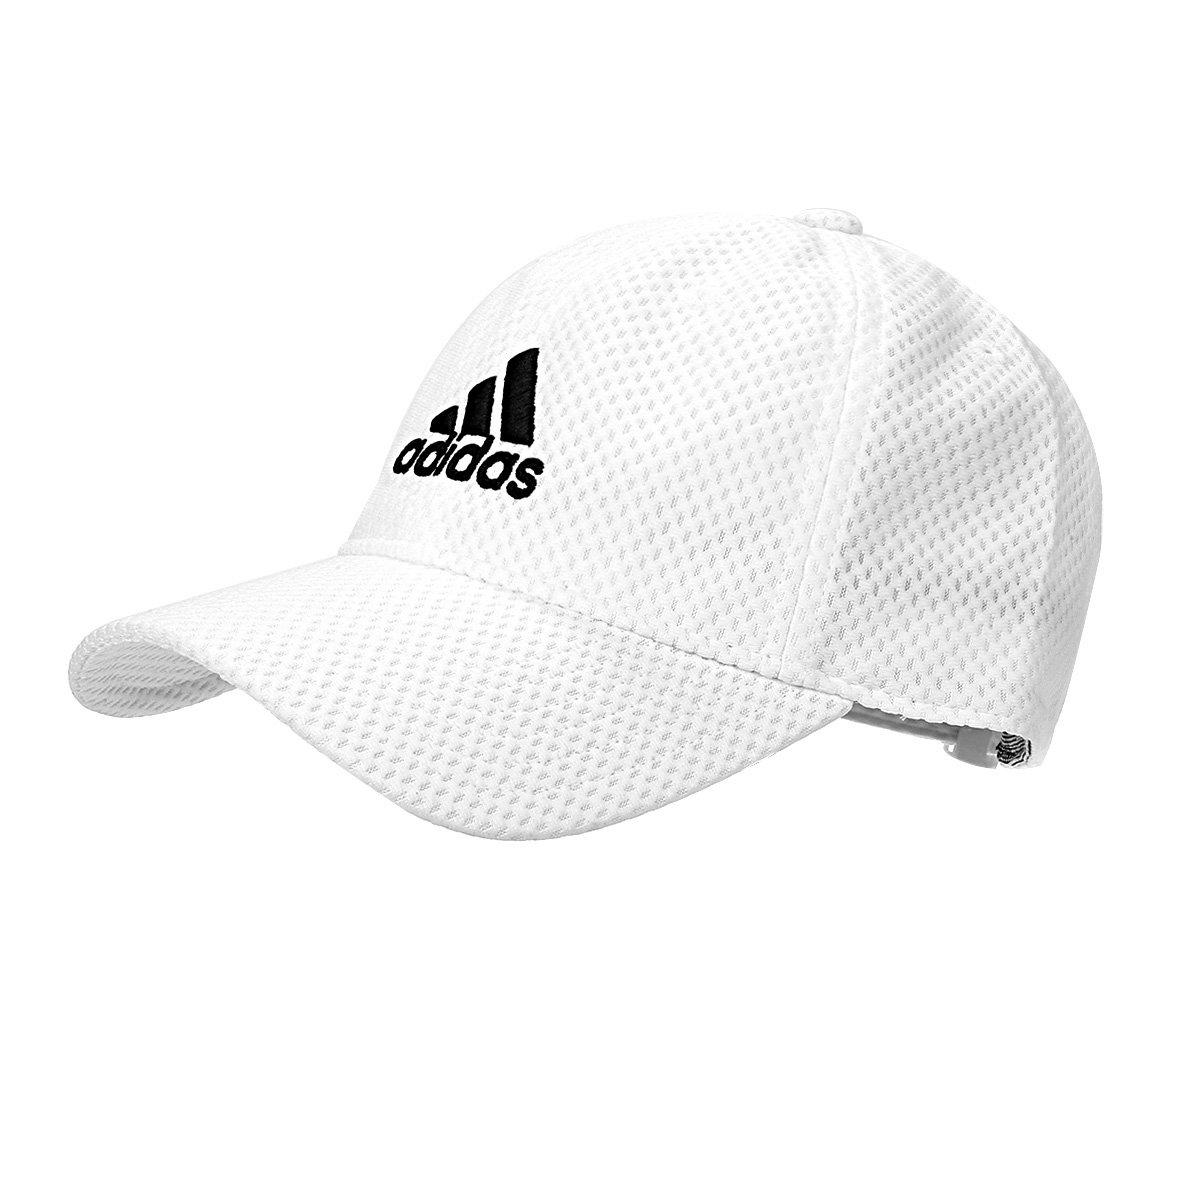 Boné Adidas C40 Climacool Aba Curva - Compre Agora  36846f4691e